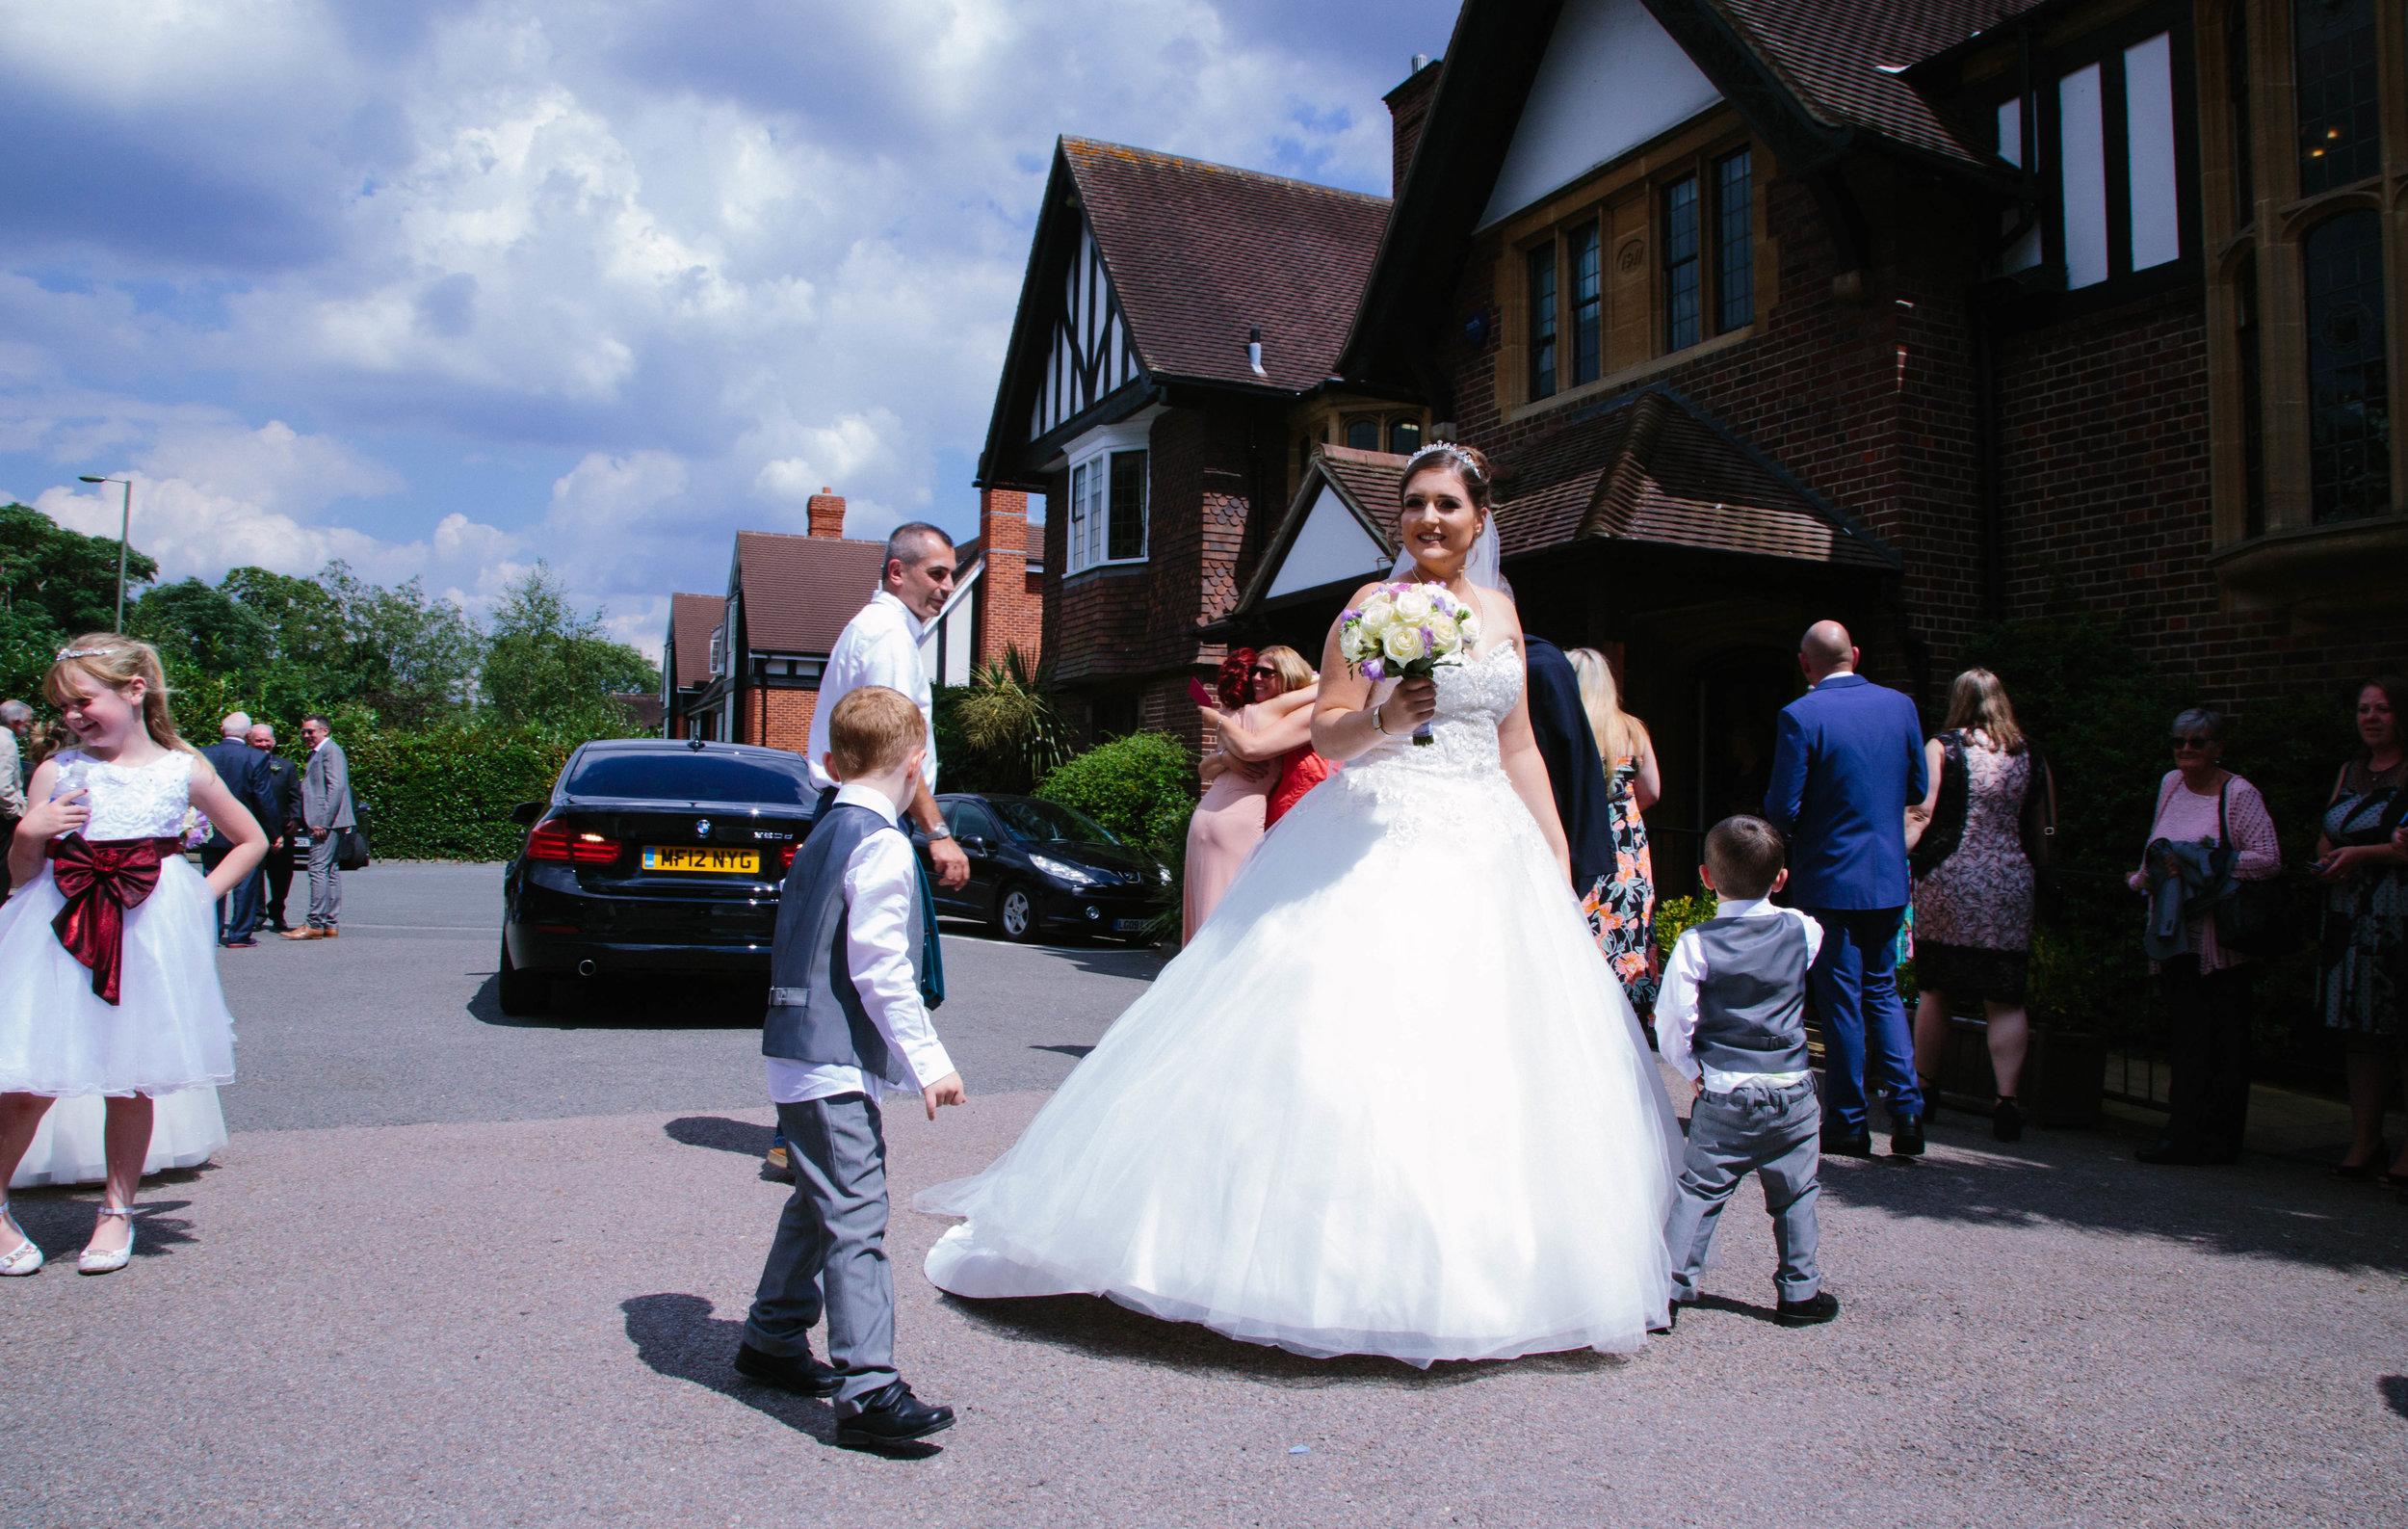 HamptonCourt-Wedding-Weybridge-Surrey-London-OatlandsParkHotel-24